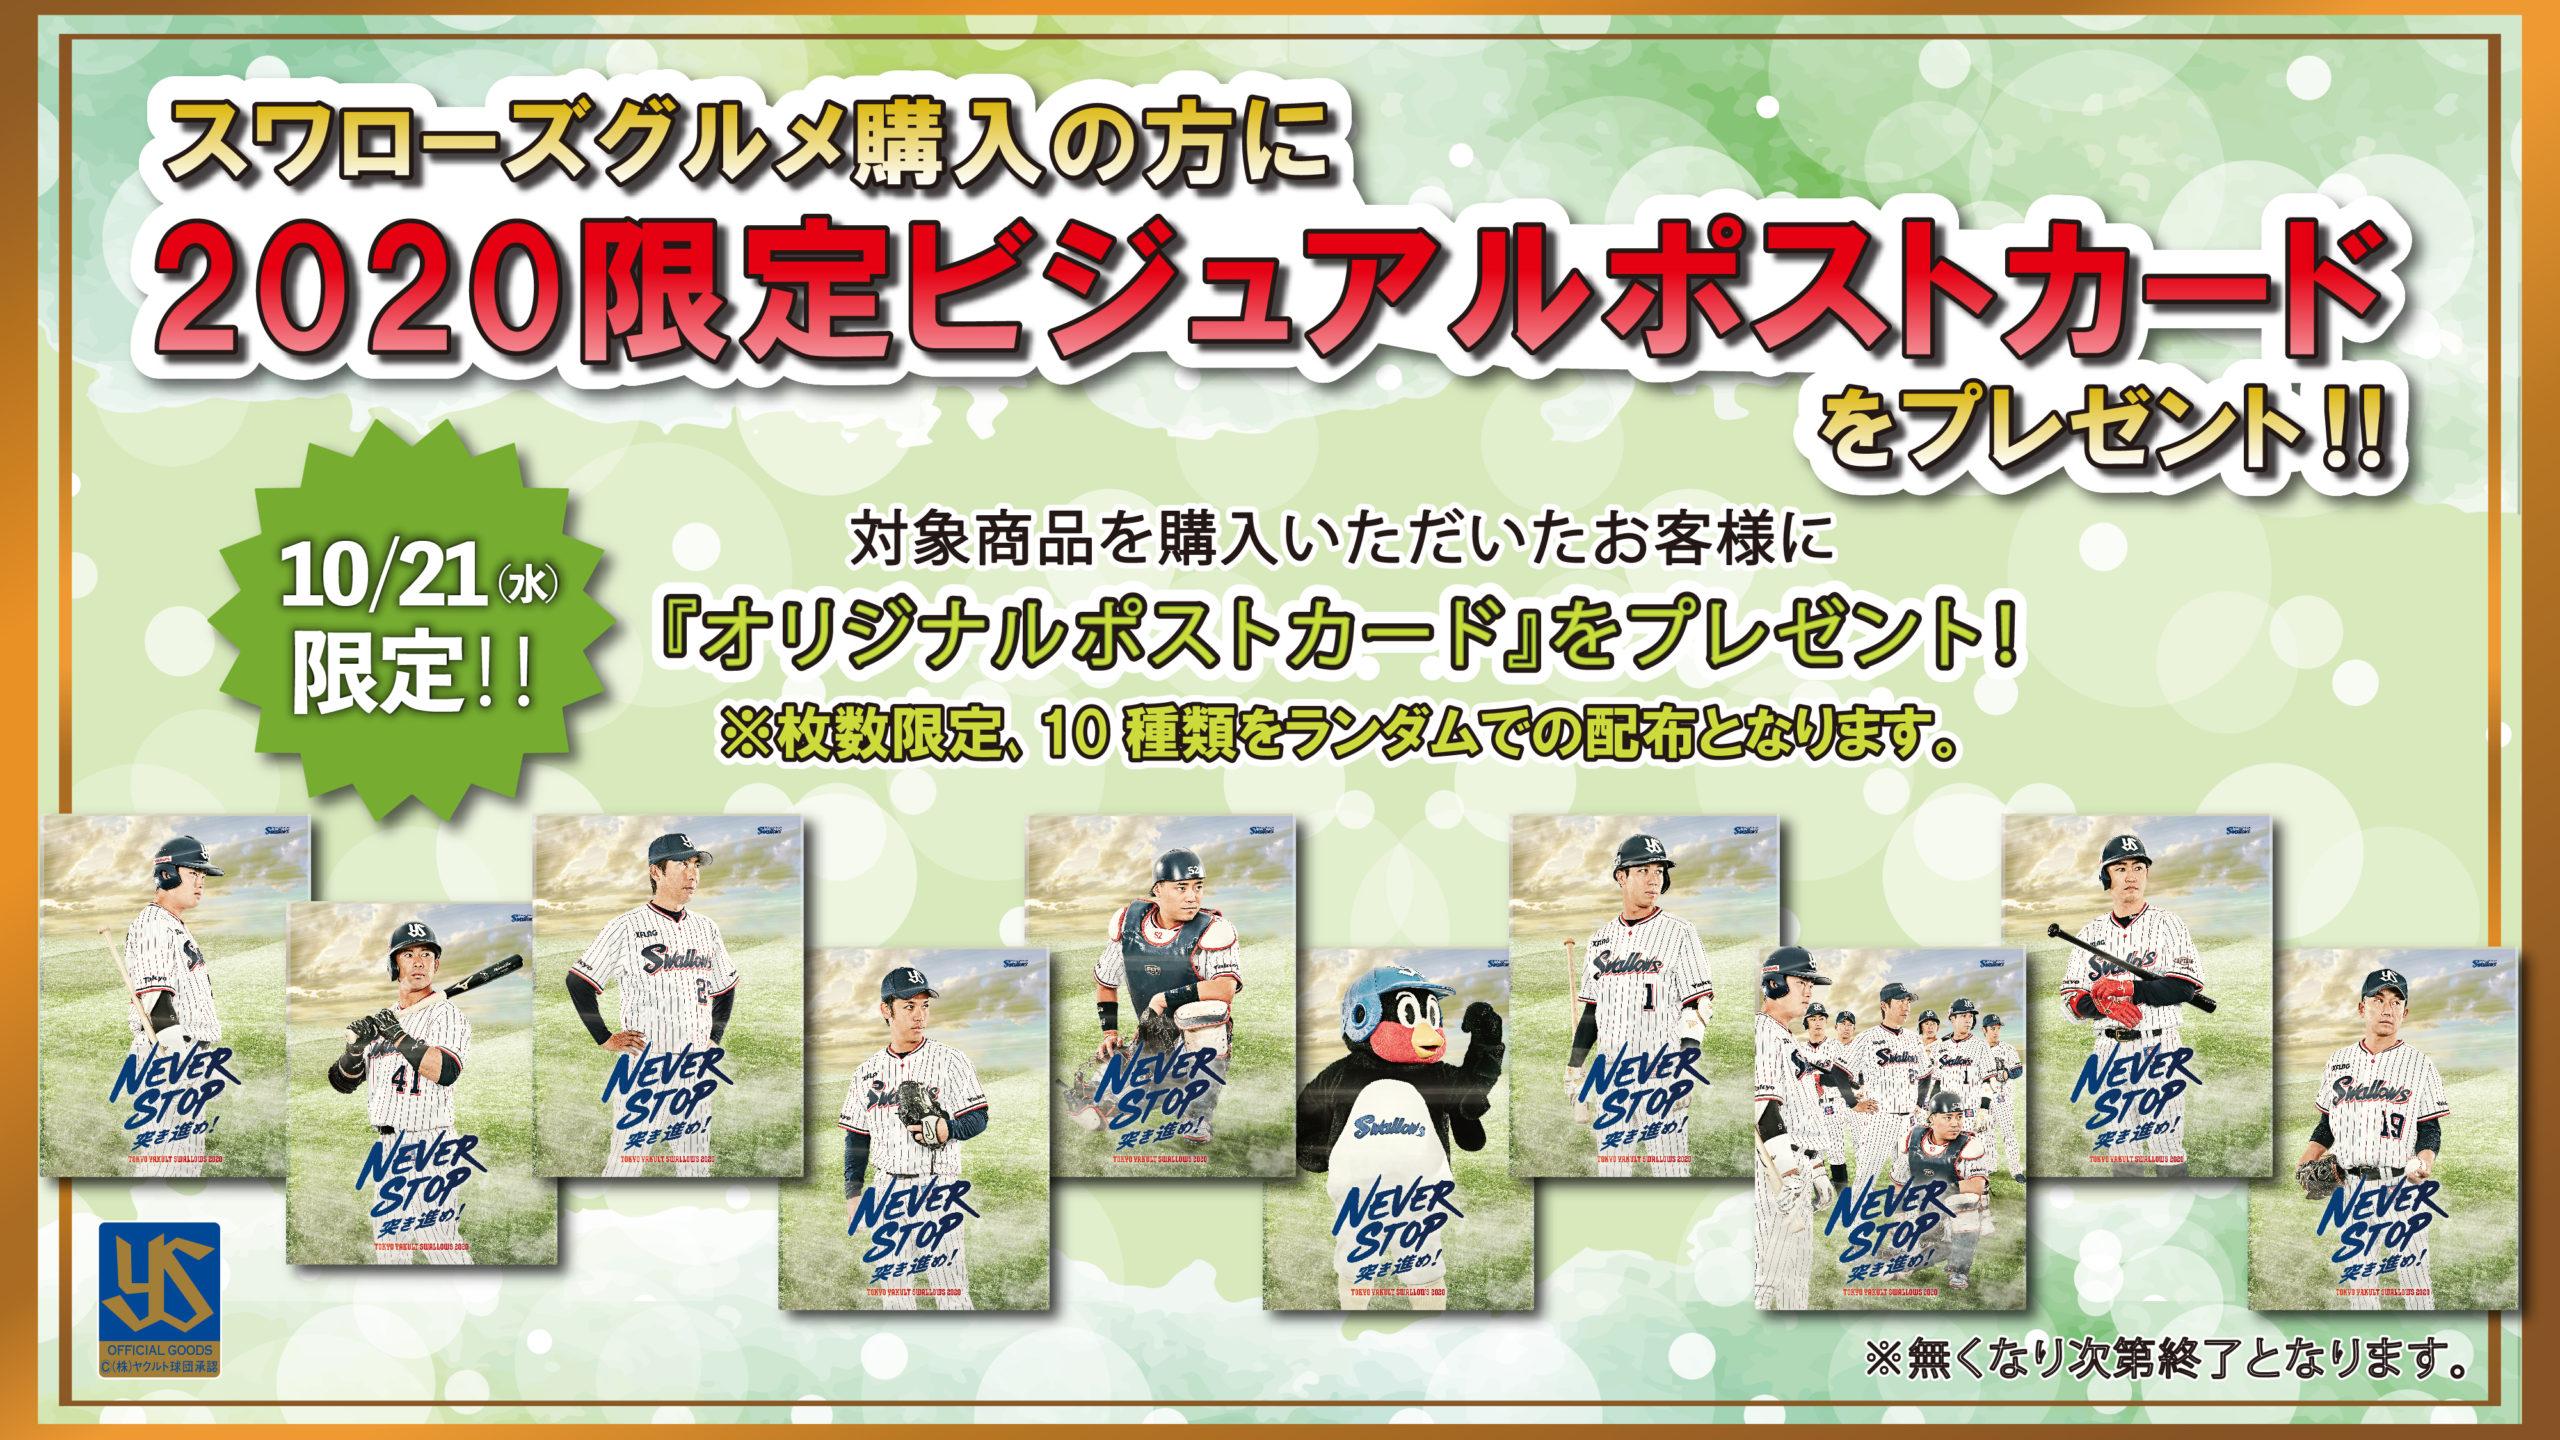 10/21(水)限定!対象のスワローズグルメを購入の方にポストカードプレゼント!